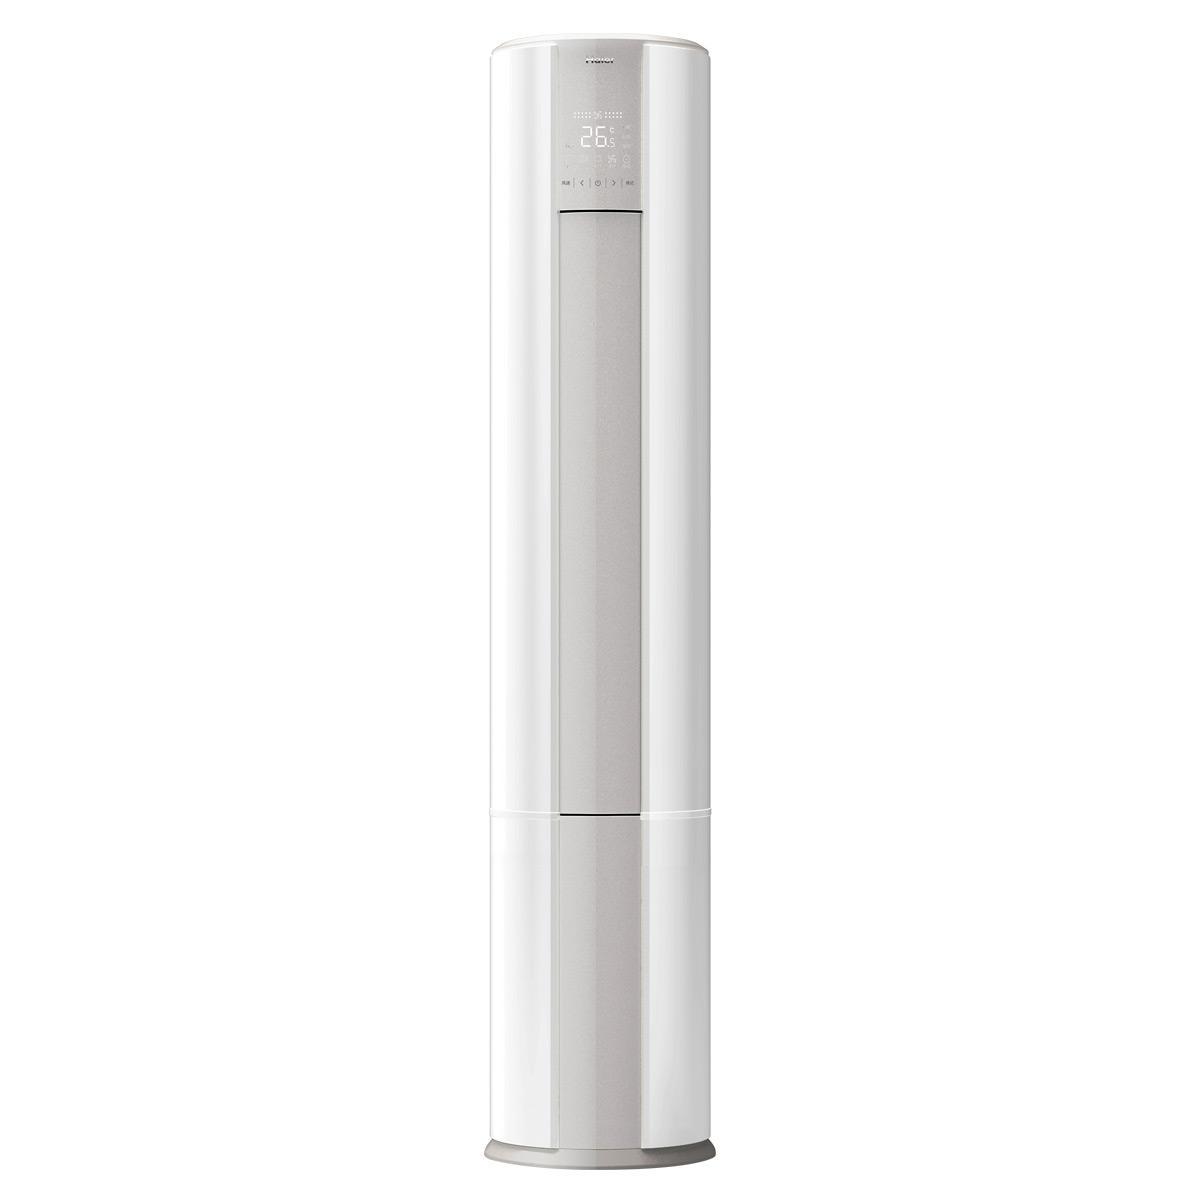 海尔无氟变频柜式空调 KFR-50LW/07GAC22A(茉莉白)套机